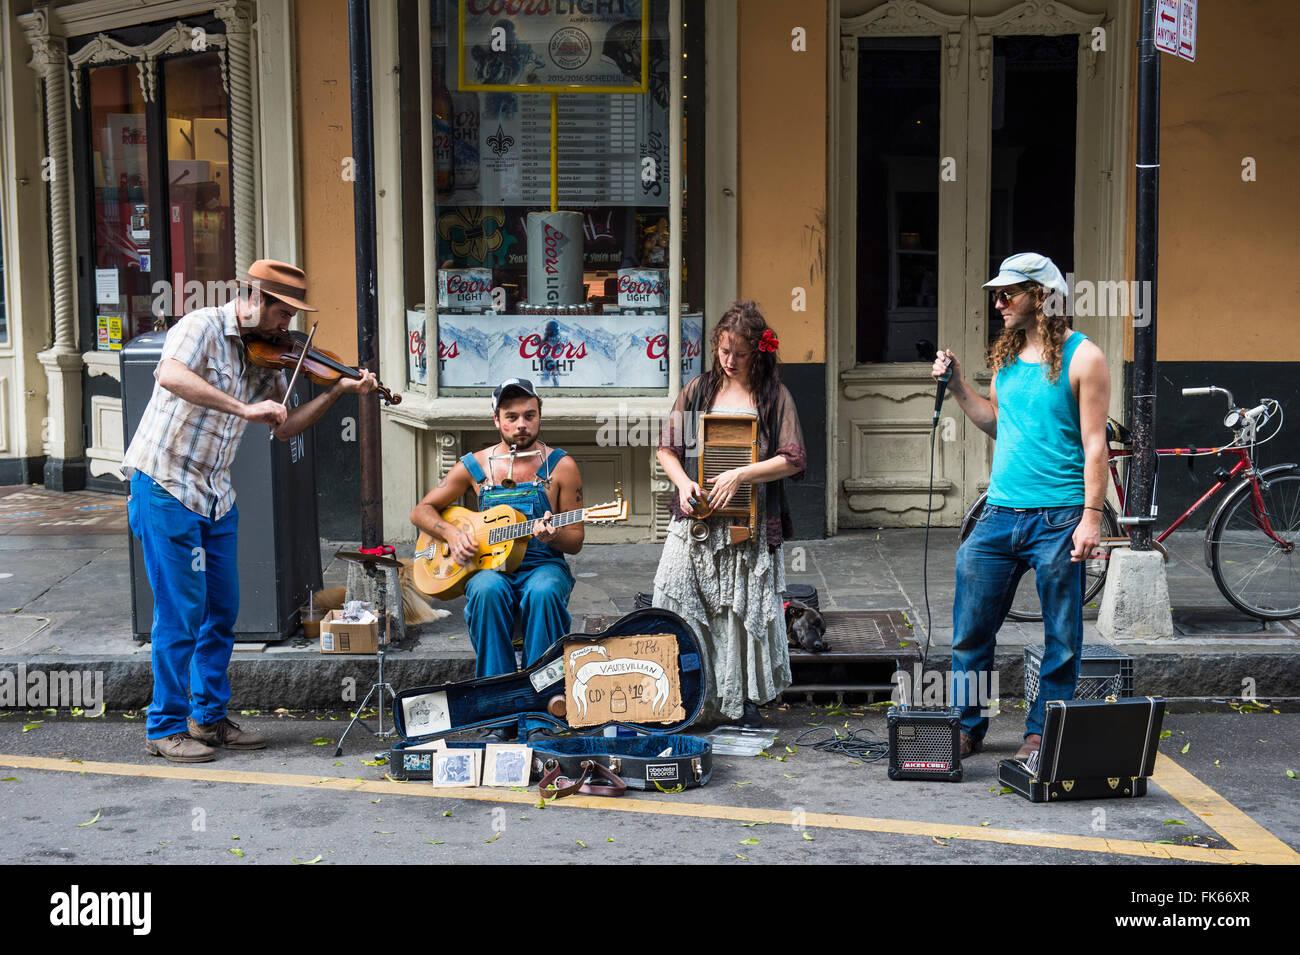 Des musiciens de rue dans le quartier français, la Nouvelle Orléans, Louisiane, États-Unis d'Amérique, Photo Stock